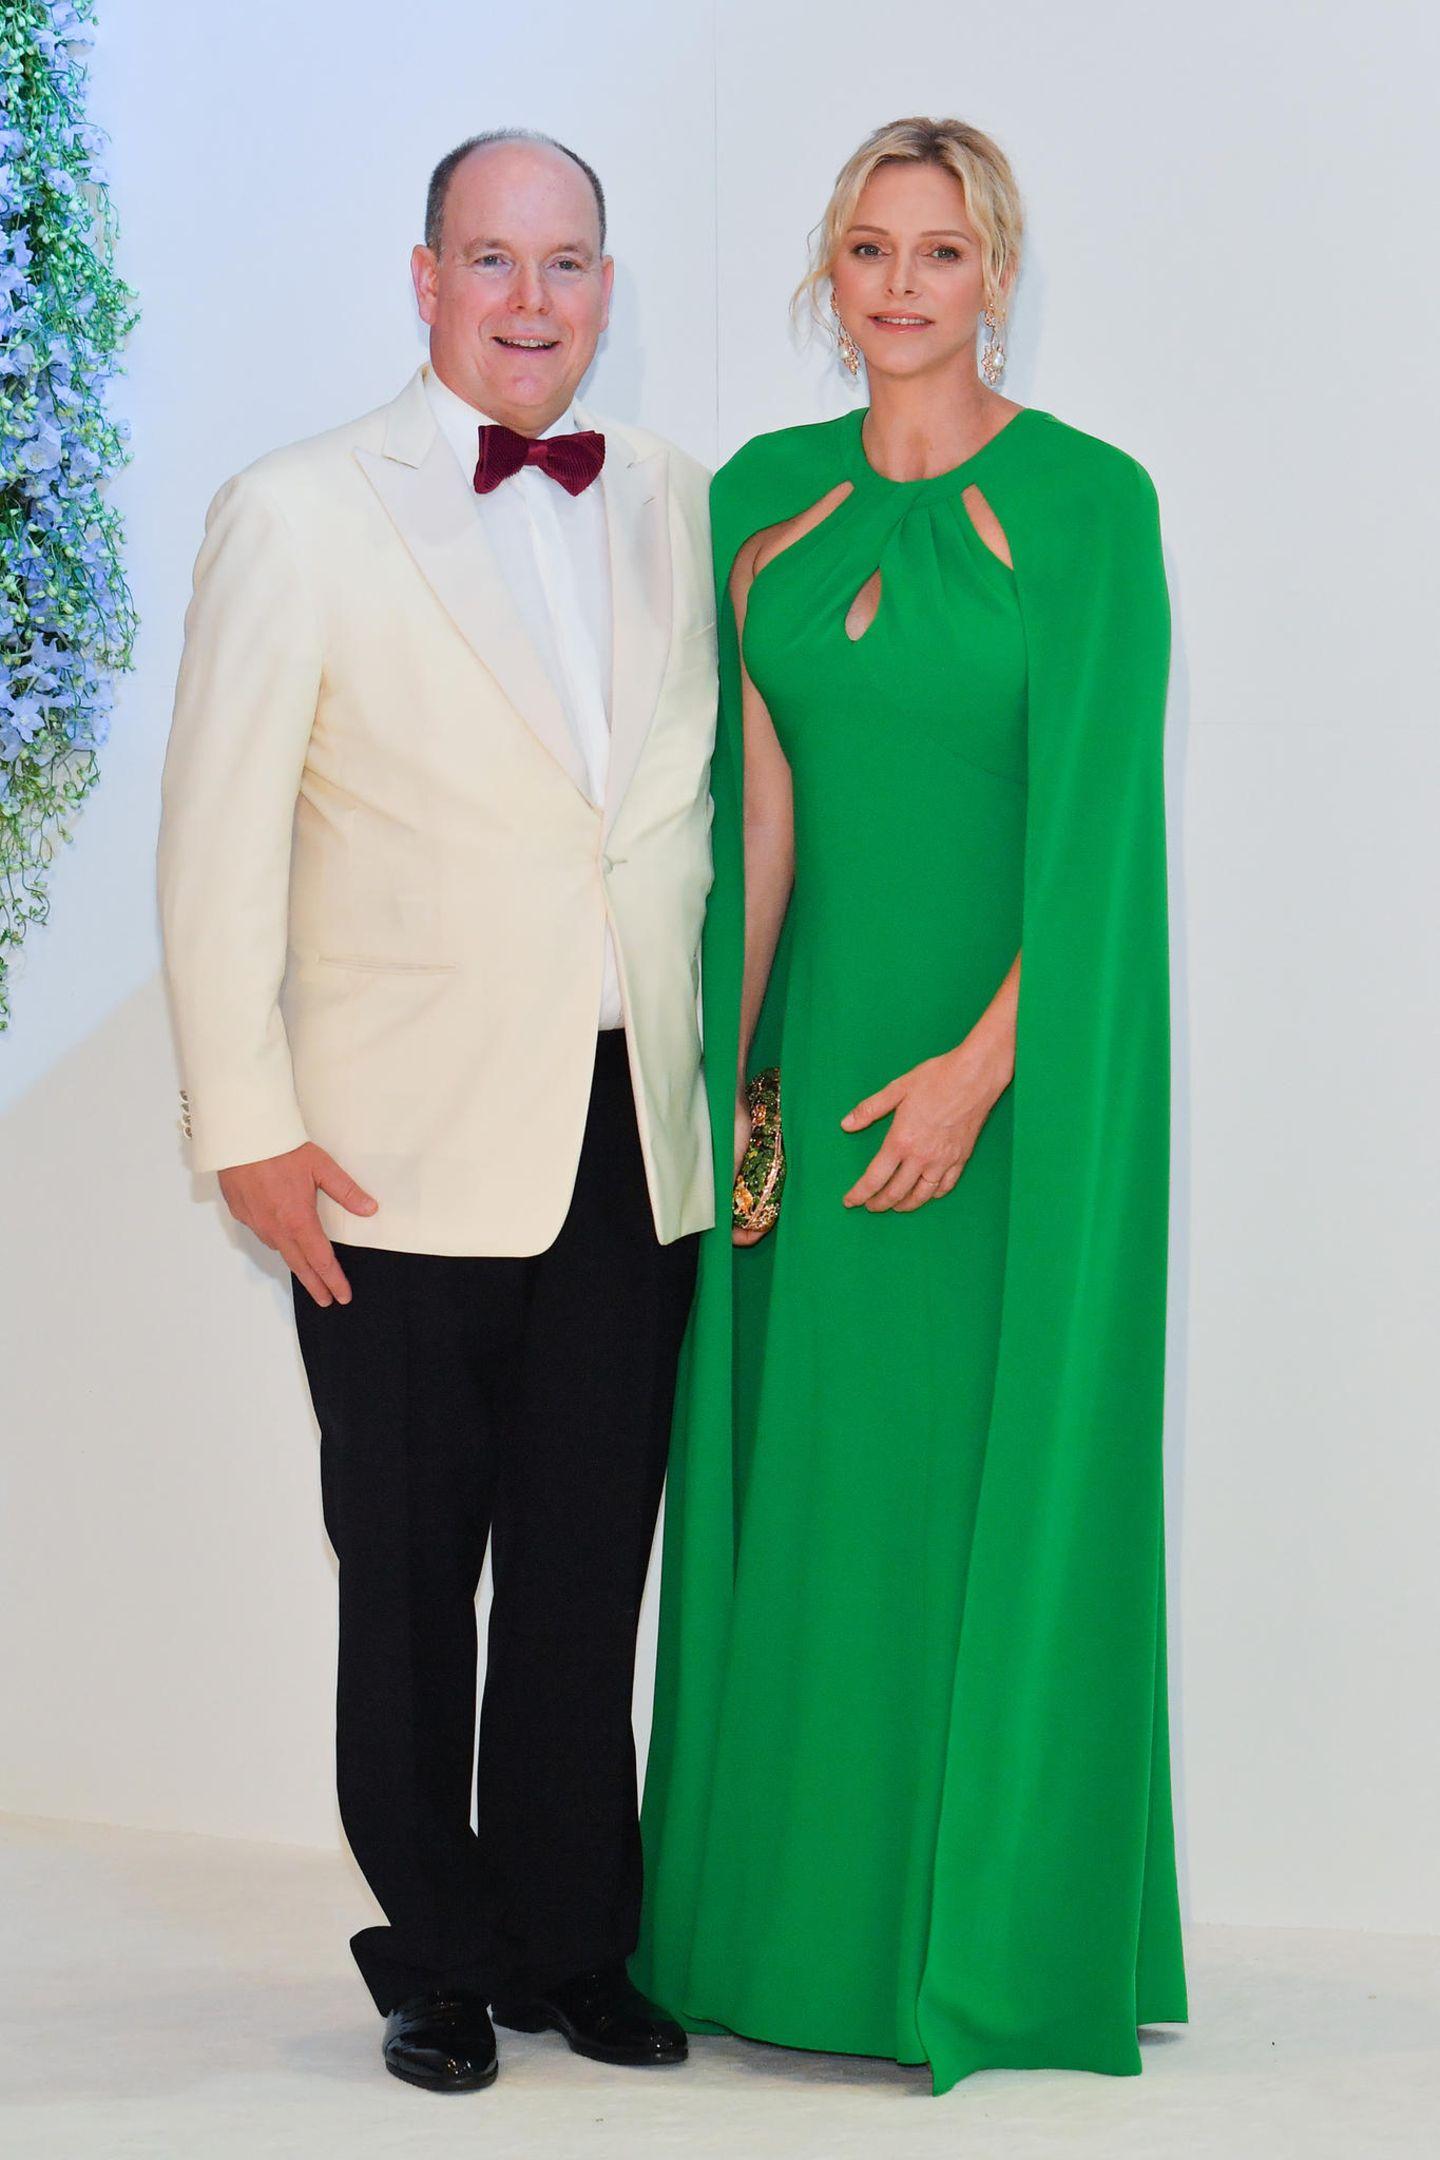 Fürstin Charlène zeigt sich gemeinsam mit ihrem Ehemann Fürst Albert beim Rot-Kreuz-Ball 2019. Zu dem Anlass wählt sie - wie so oft - ein Kleid mit Cape. Die ehemalige Schwimmerin versucht durch den Schnitt ihr breites Kreuz zu kaschieren, dabei sehen wir eigentlich sehr gerne ihre Muskeln. So oder so steht ihr die Abendrobe von Marchesa ganz ausgezeichnet.